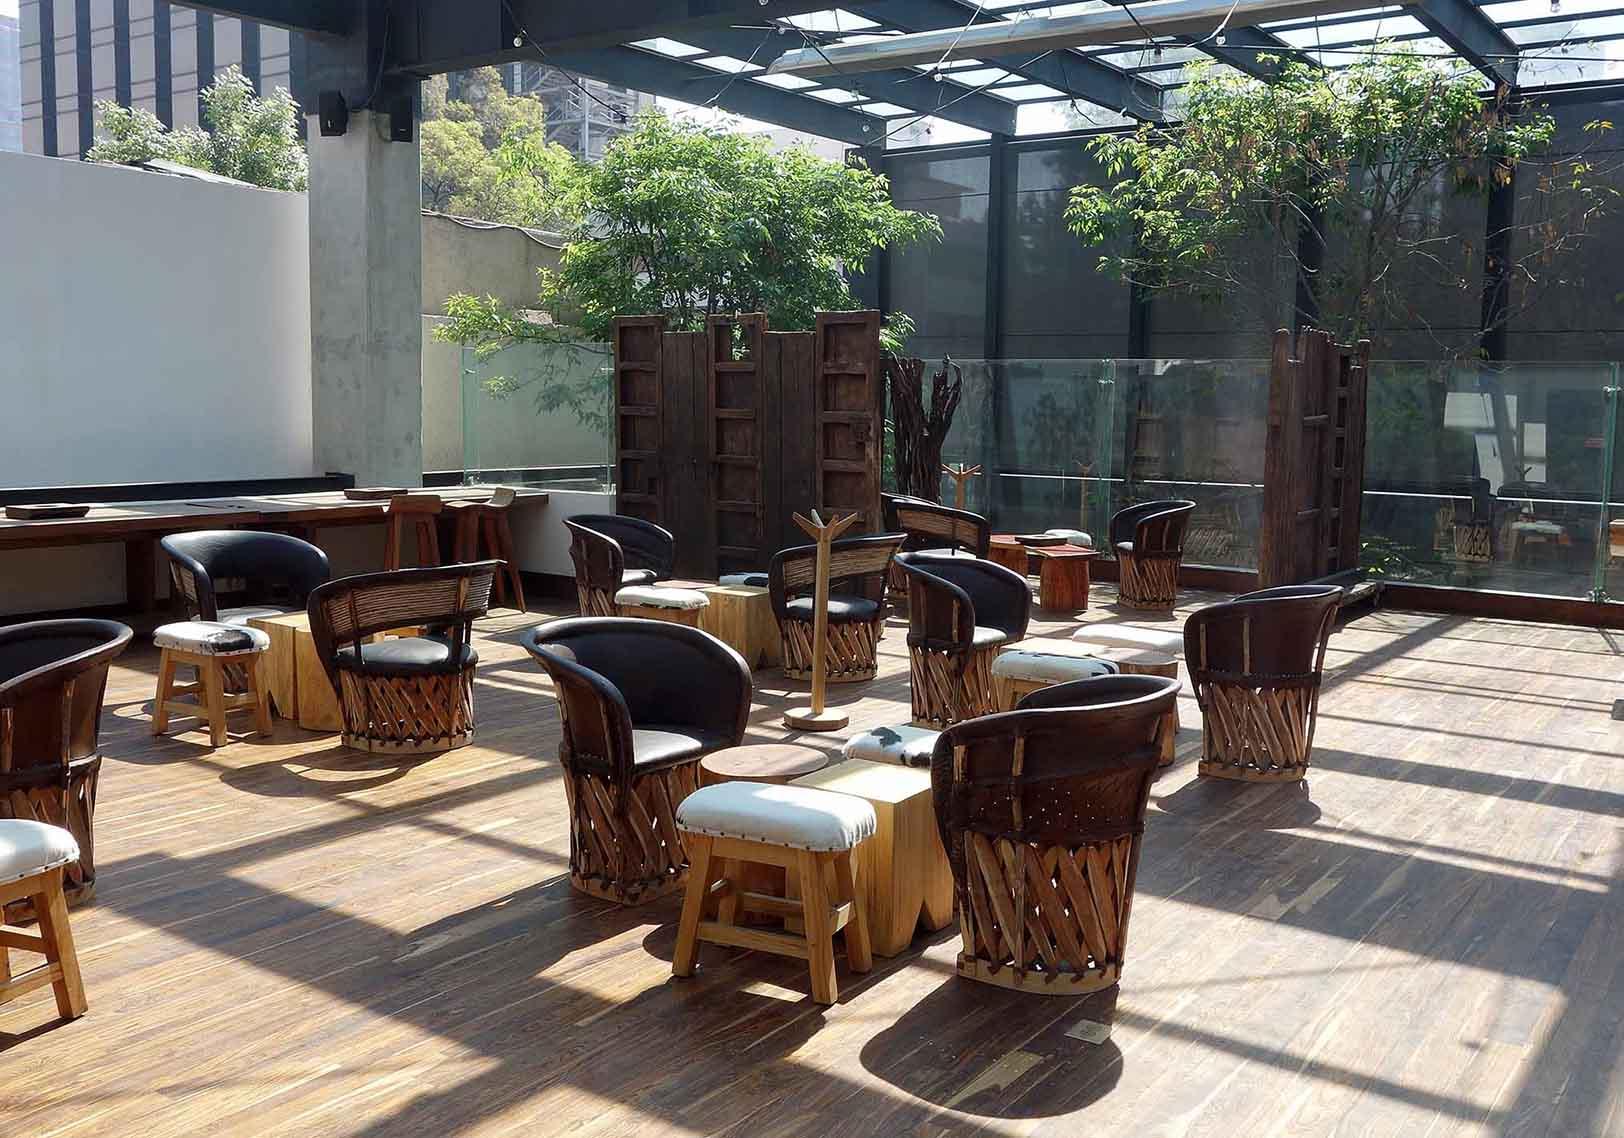 Sagardi Rooftop: Pintxos y 'drinks' en una terraza al estilo Ibiza llega a la CDMX